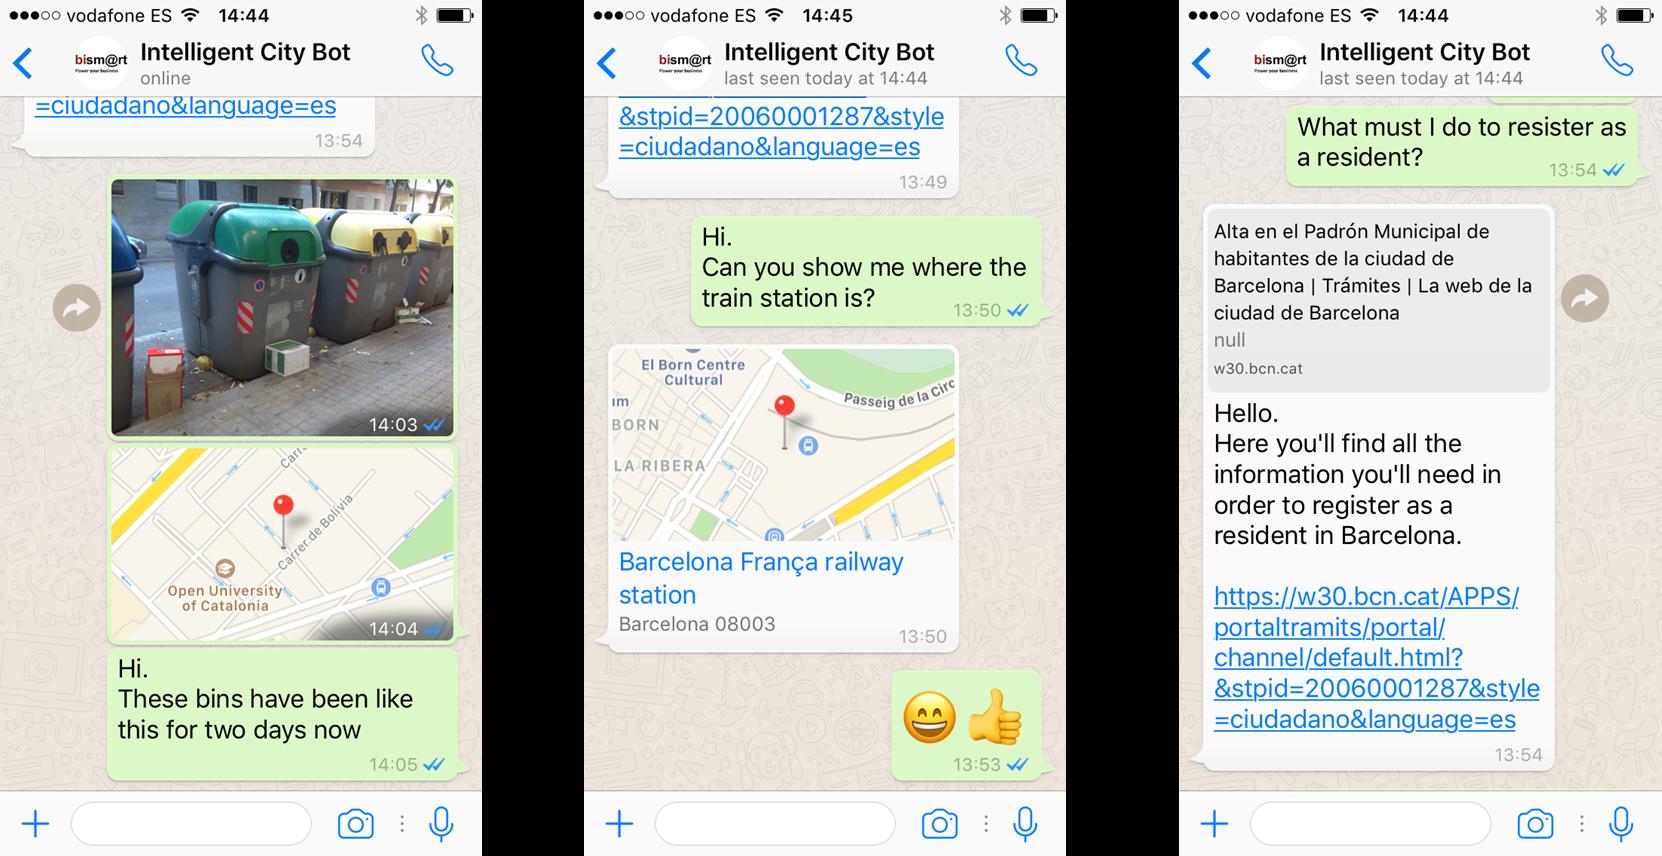 bismart whatsapp Intelligent City Bot